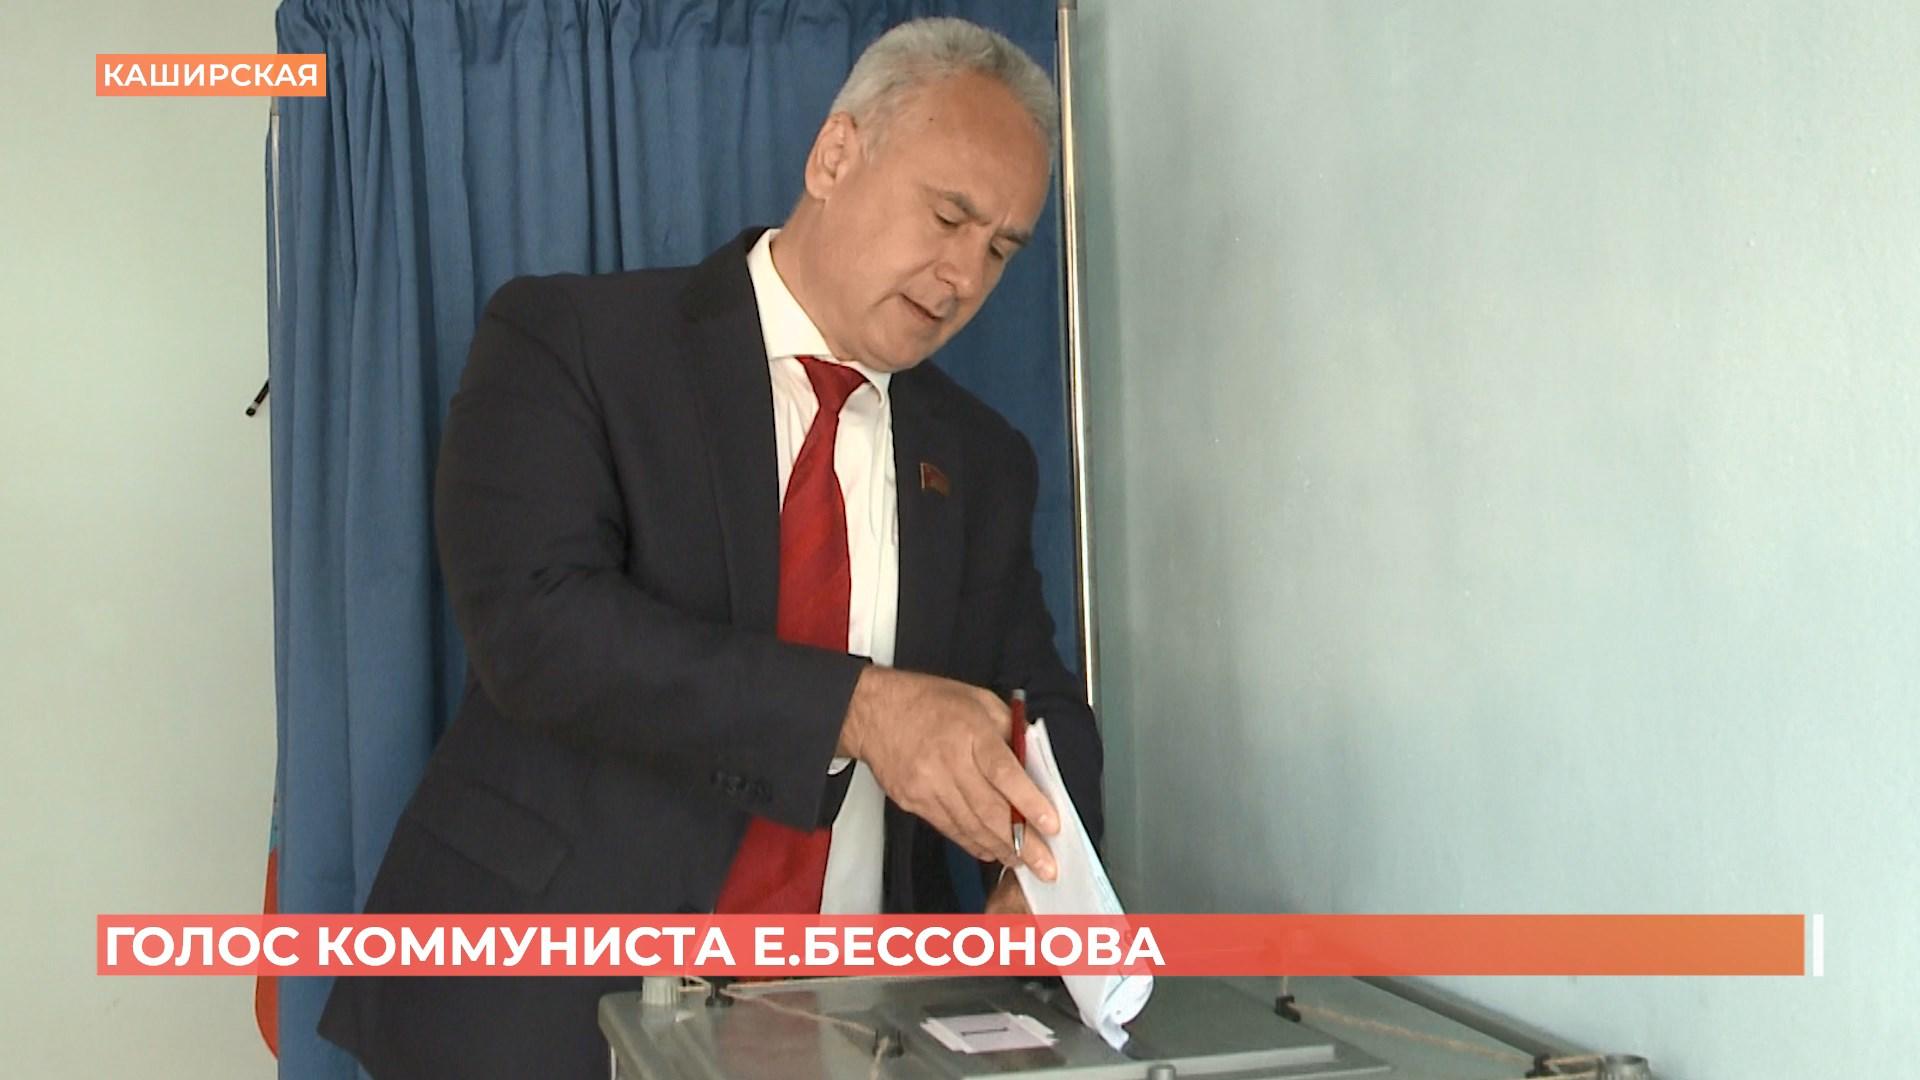 Коммунист Е. Бессонов считает, что голосовать нужно только в воскресенье